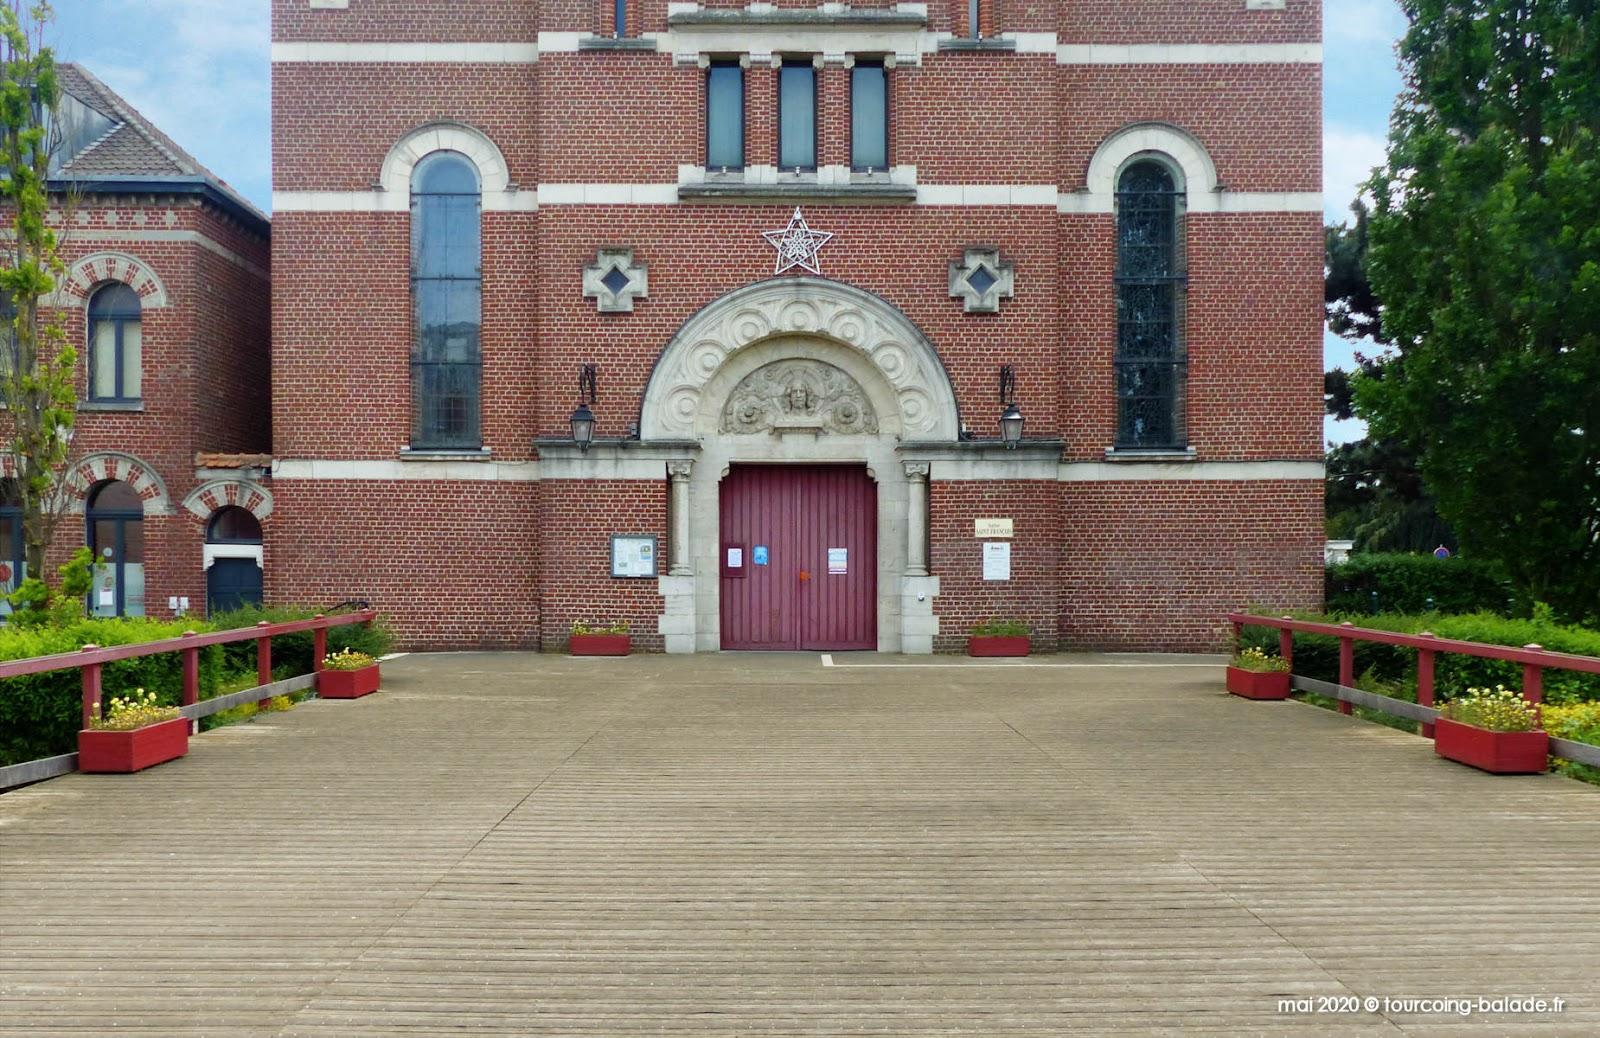 Portail de l'église Saint-François, Mouvaux 2020